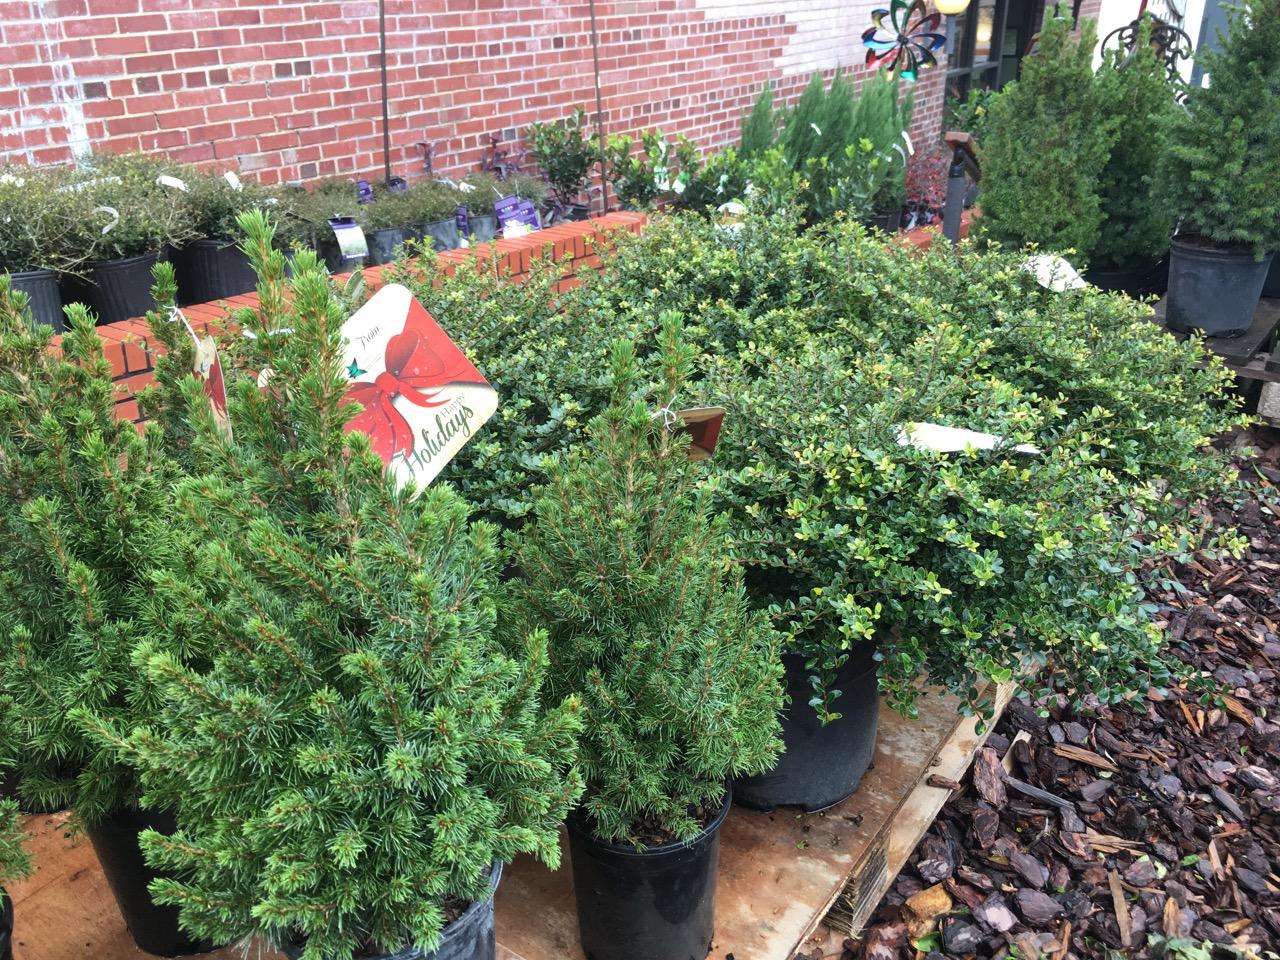 Dwarf Alberta Spruce from Blackhawk Hardware's Garden Center